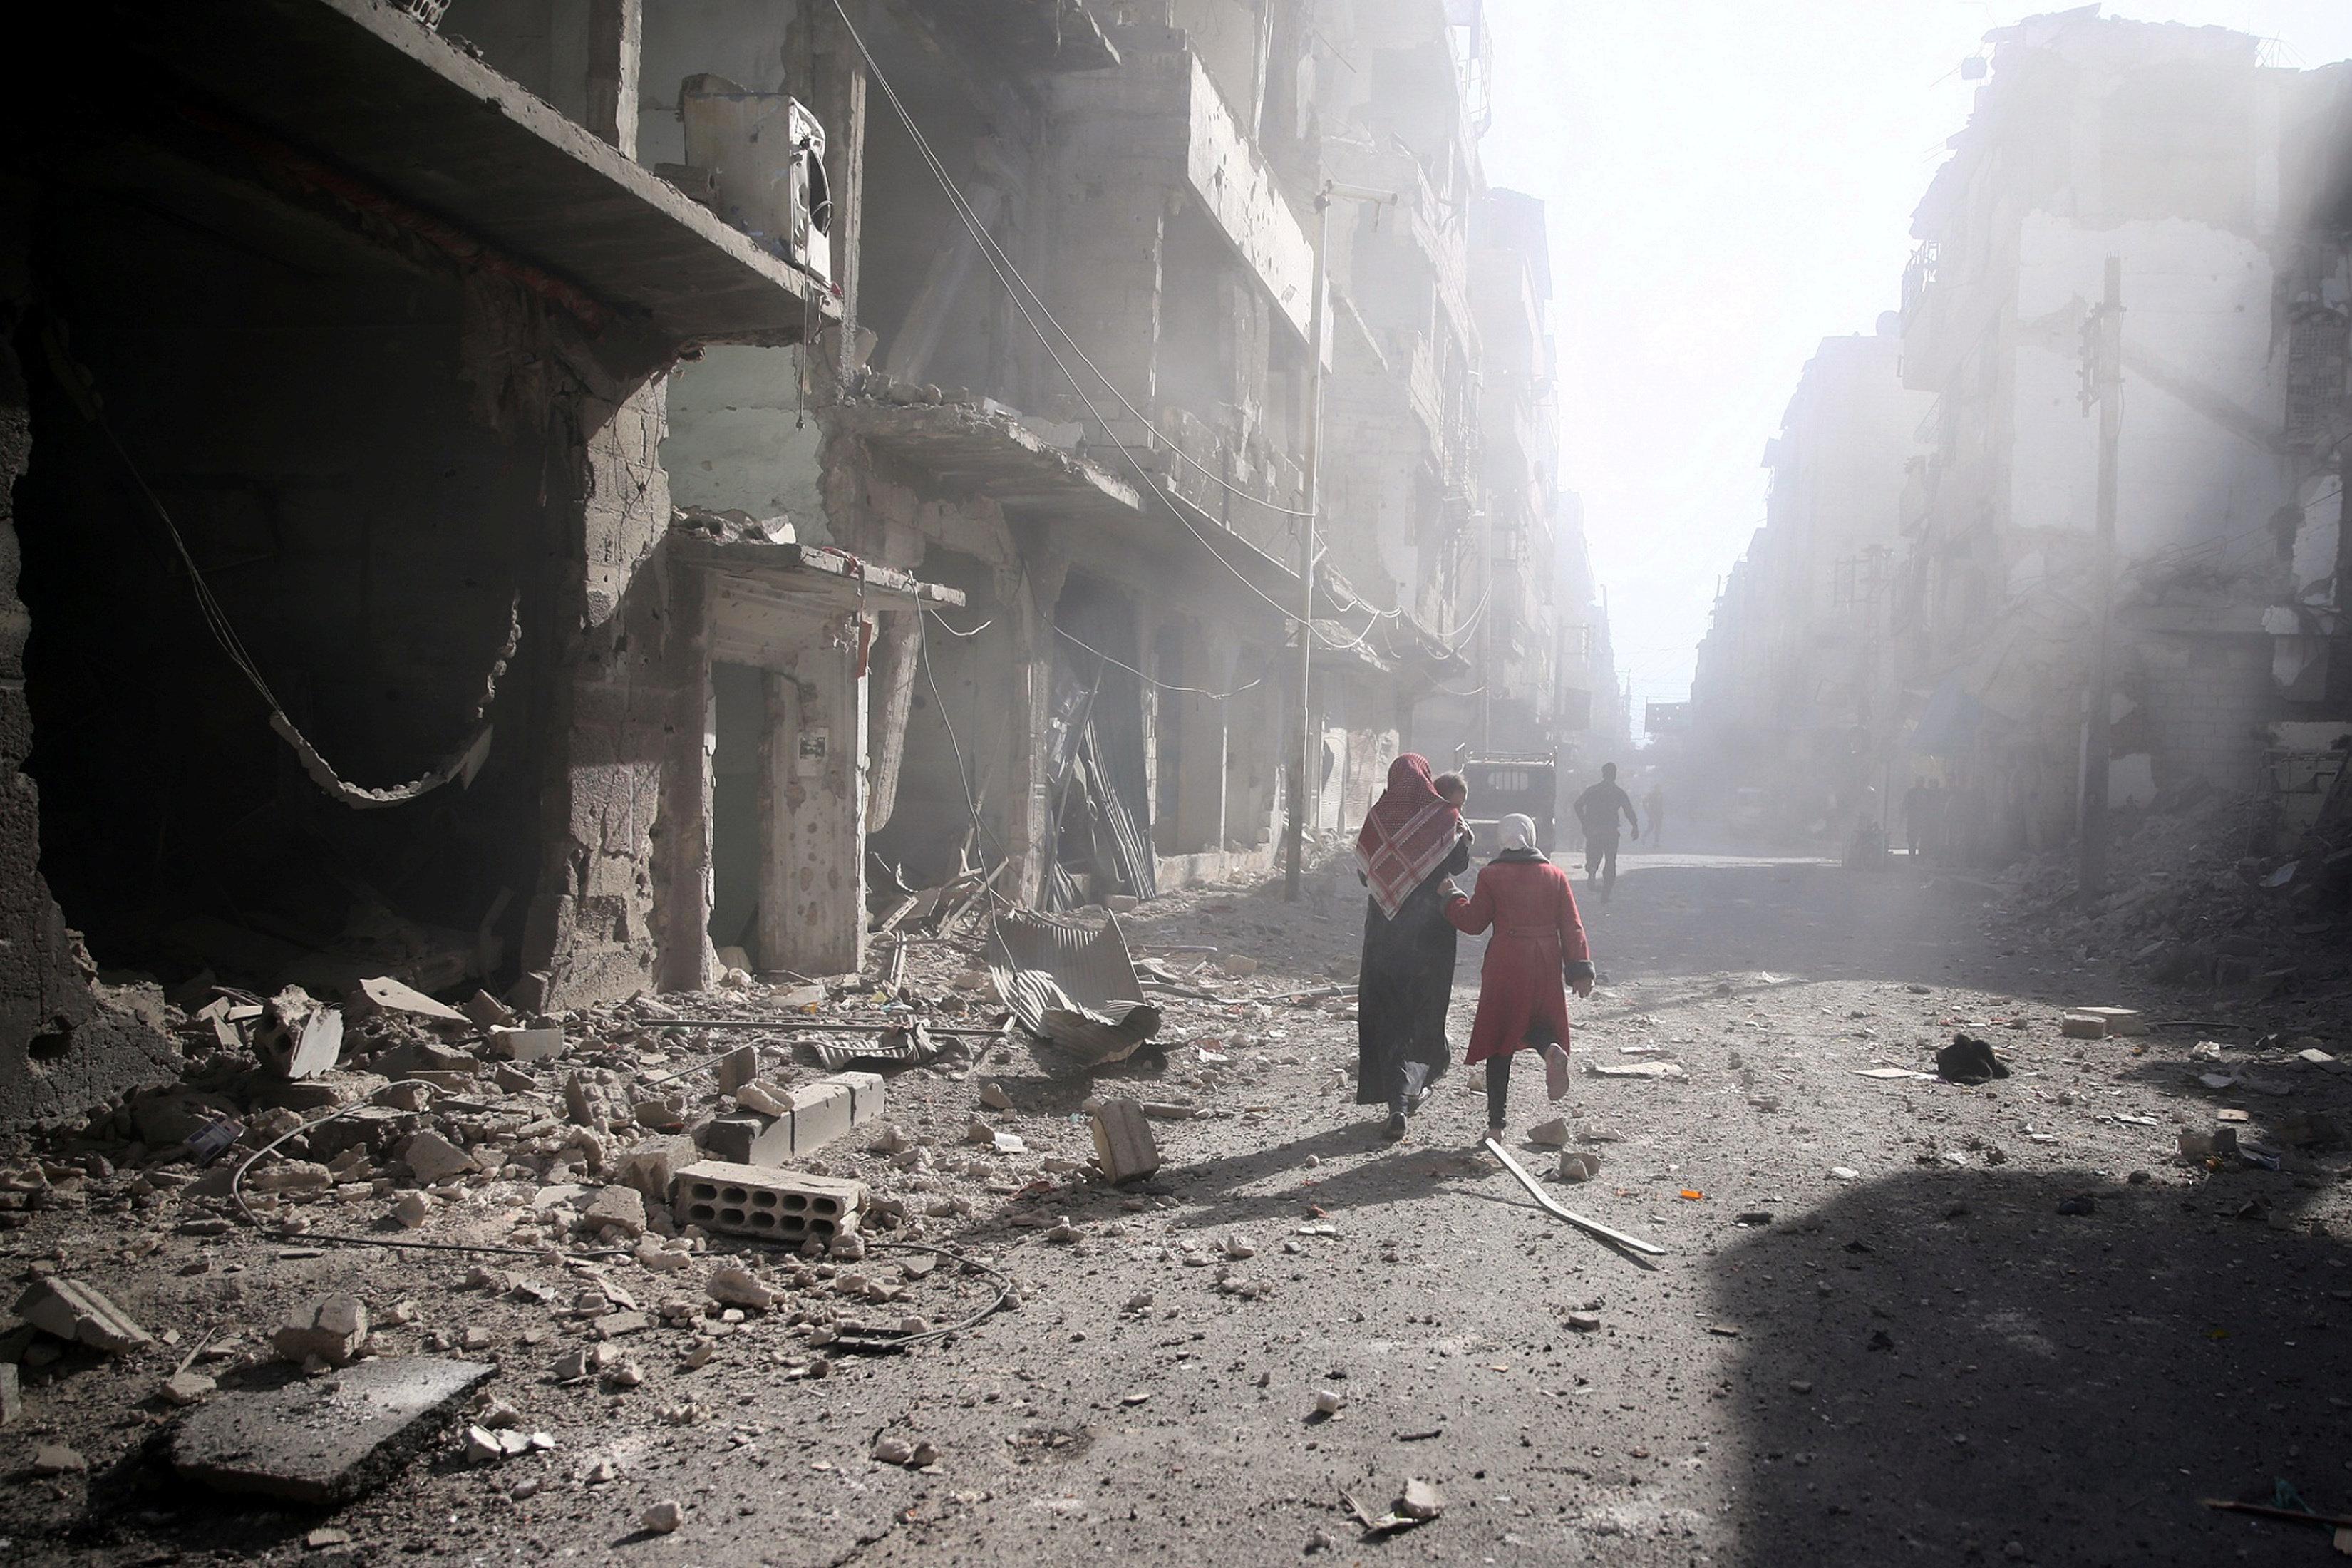 Présumée attaque chimique de Douma : l'OIAC n'a trouvé aucune preuve d'usage de gaz